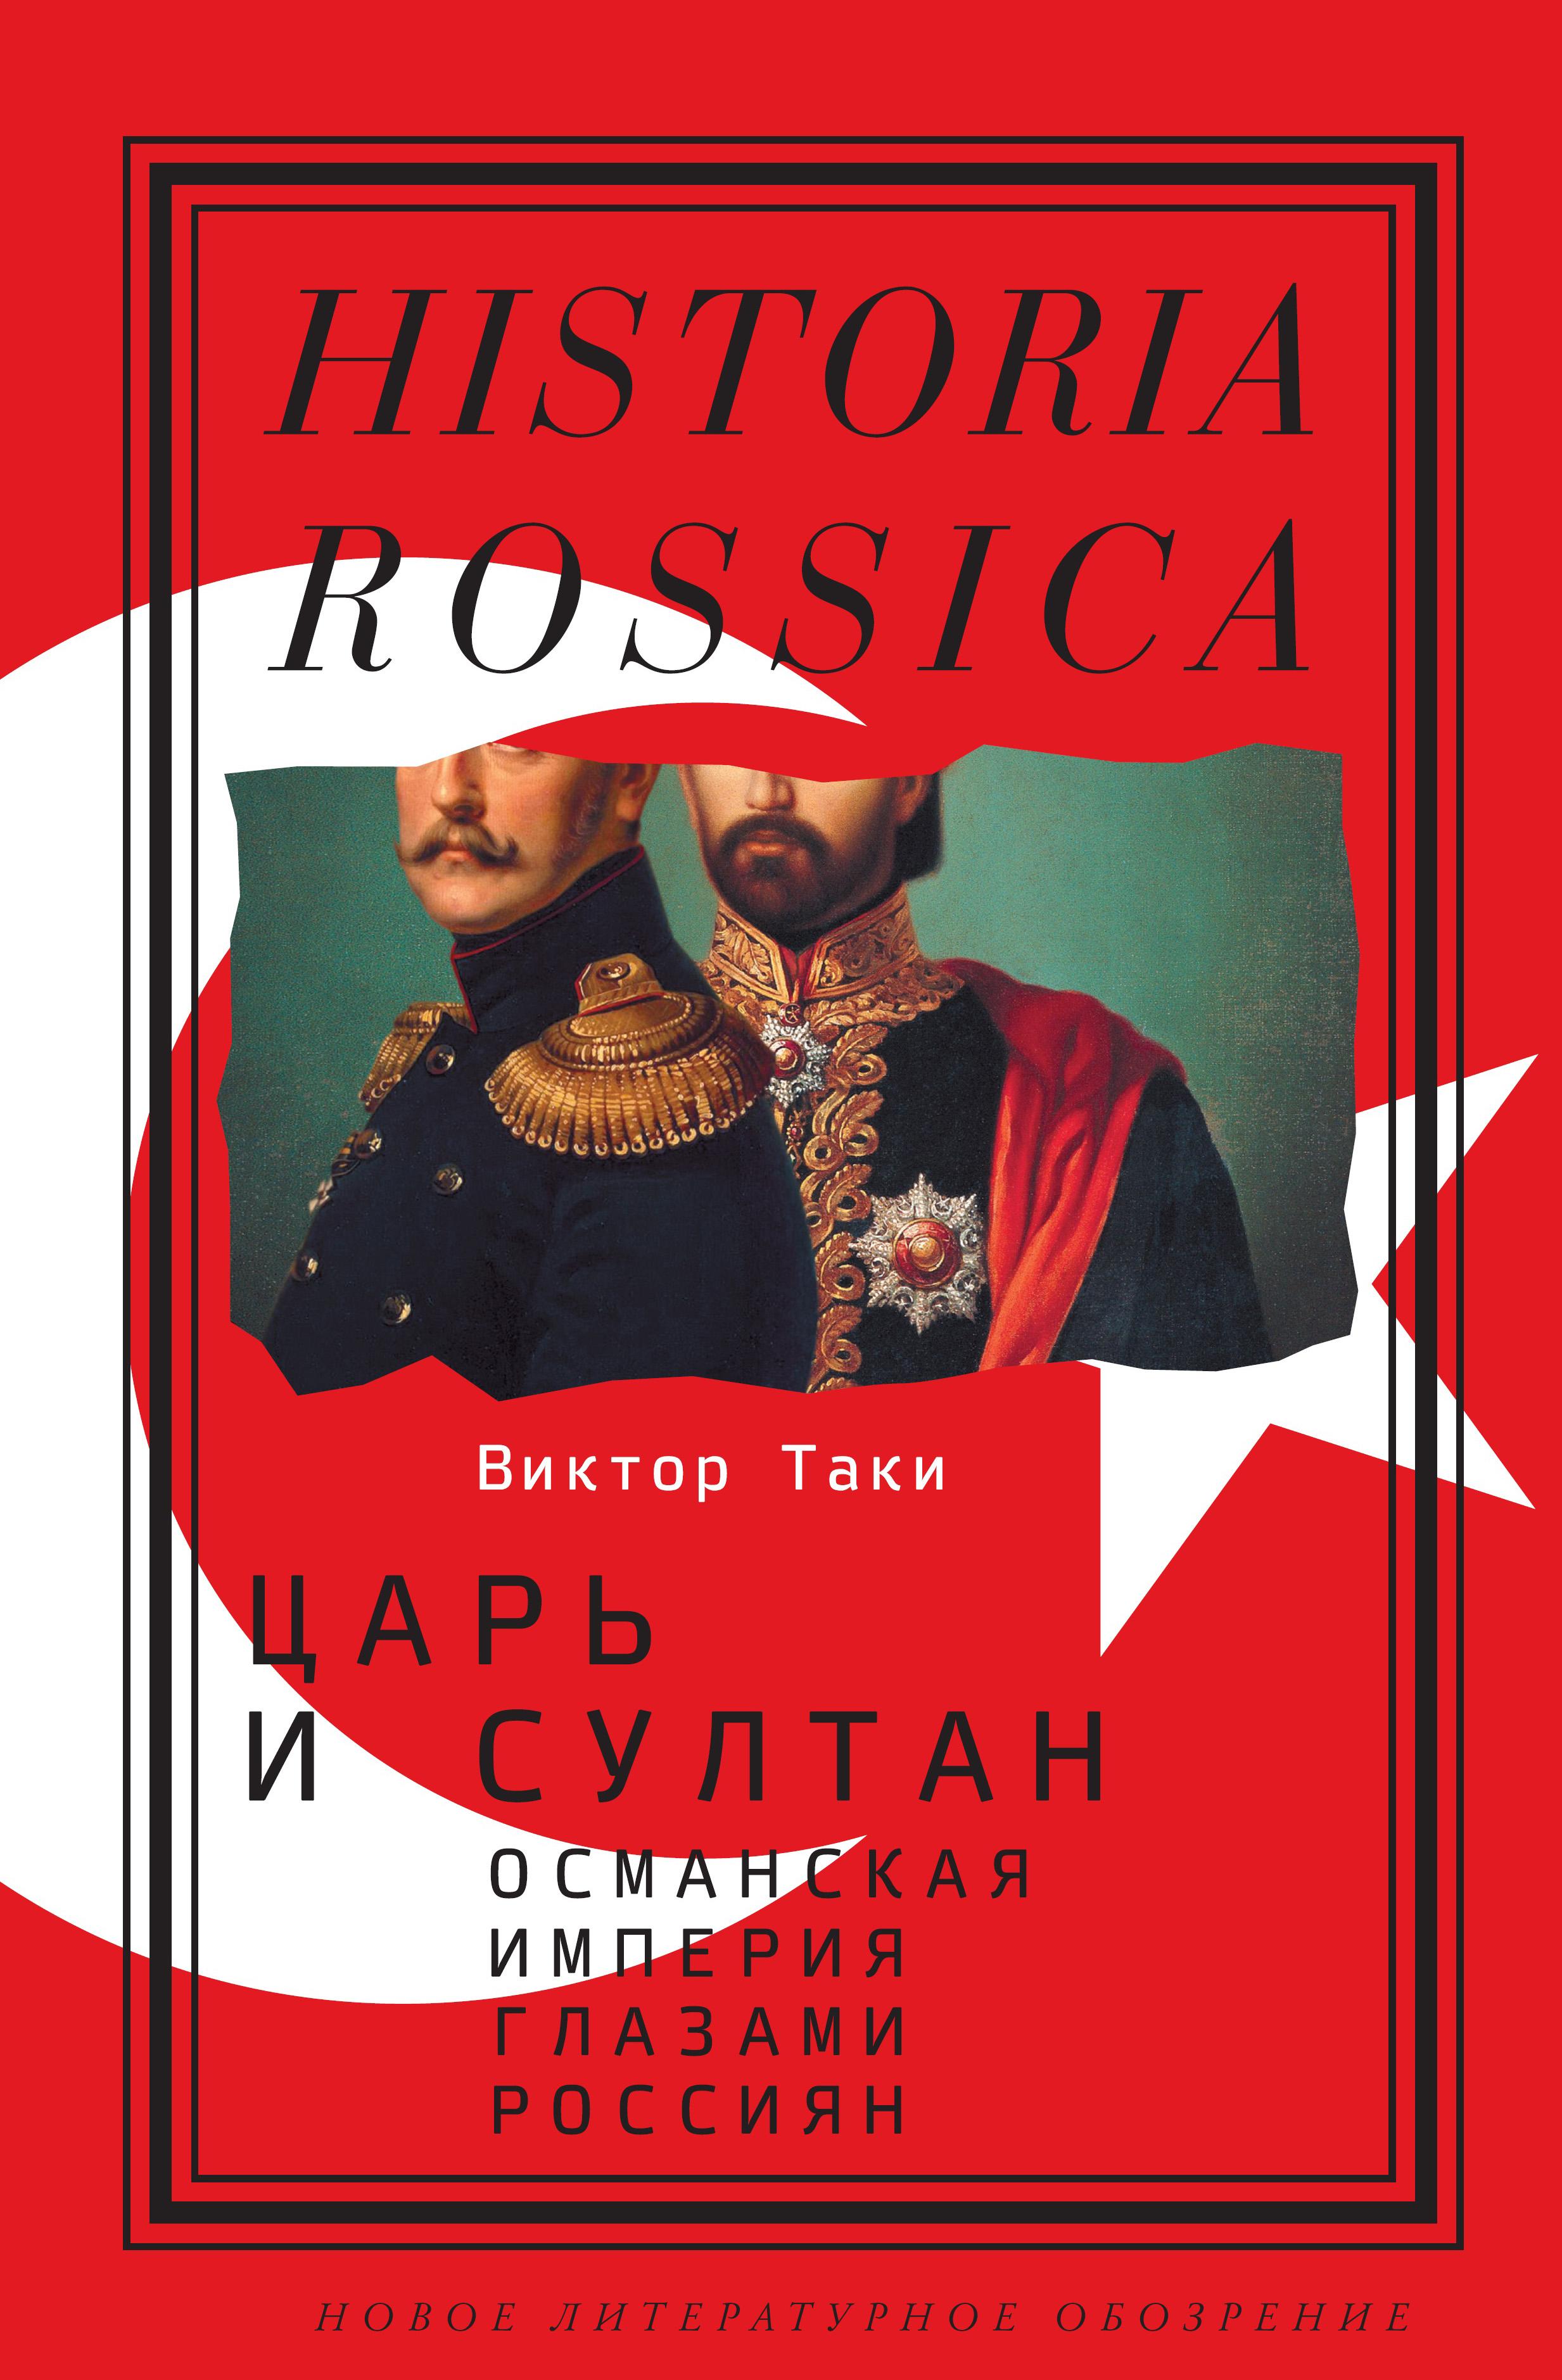 tsar i sultan osmanskaya imperiya glazami rossiyan